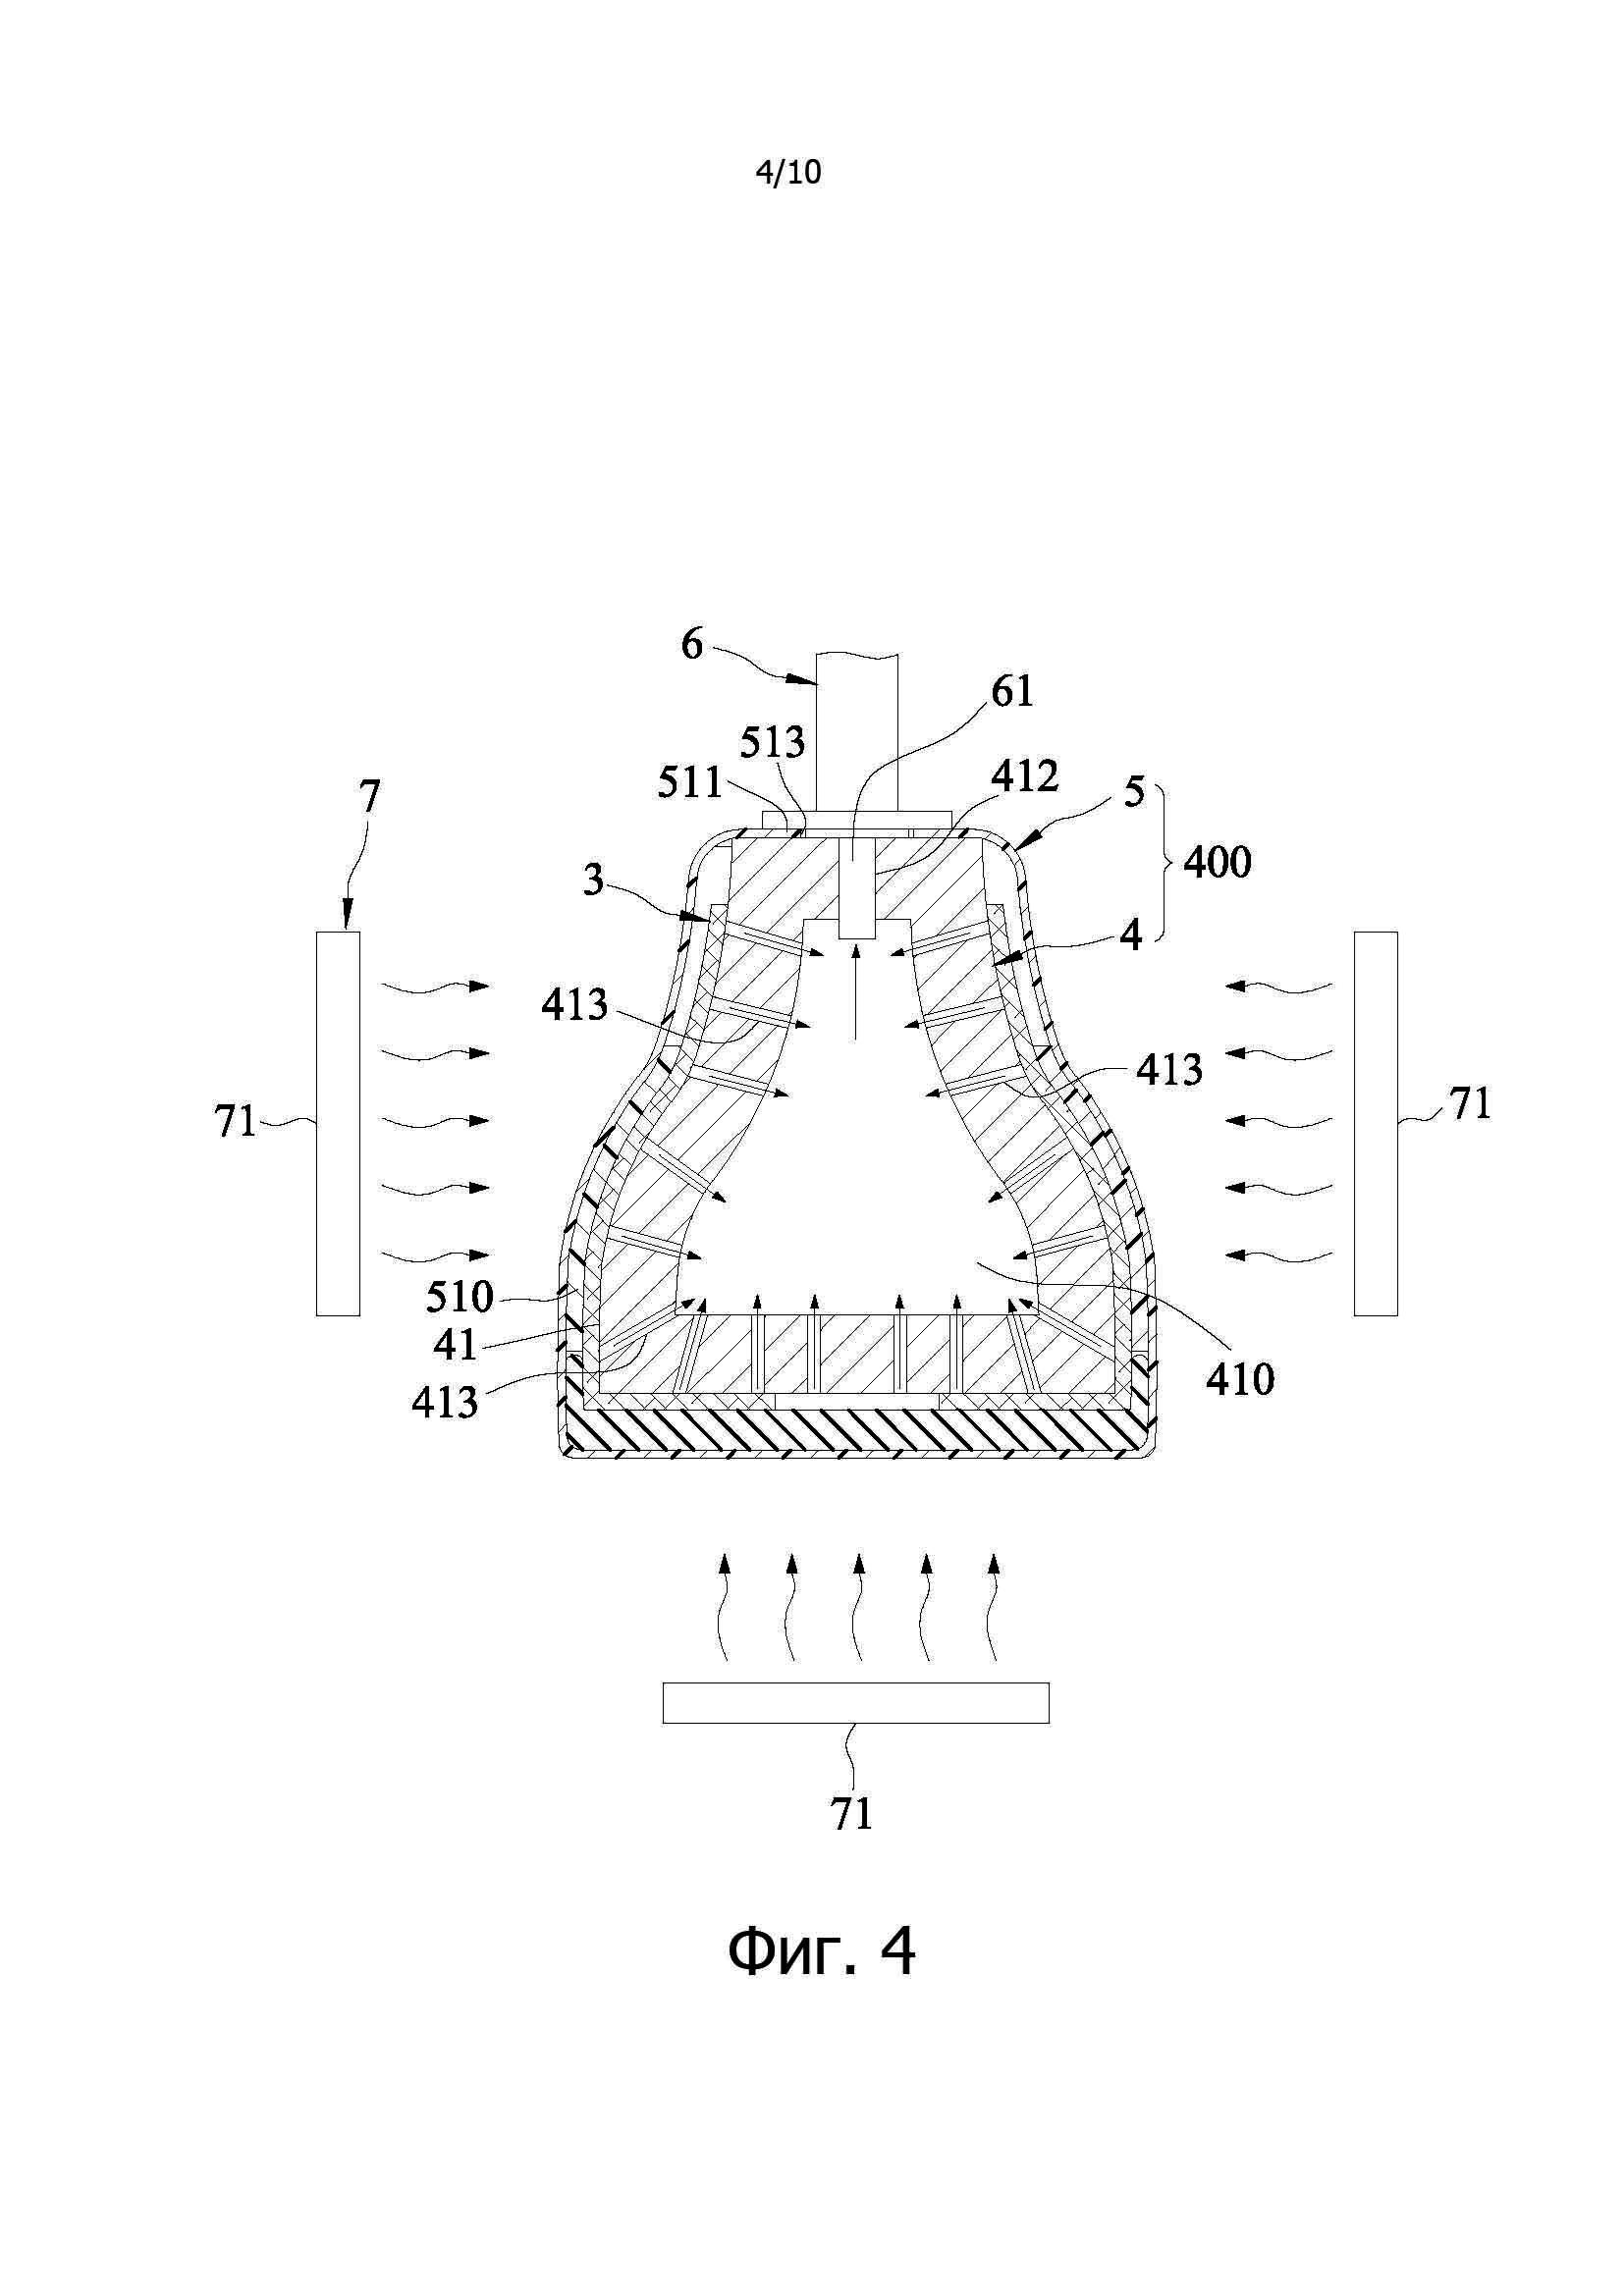 Способ и устройство для сборки компонентов обуви